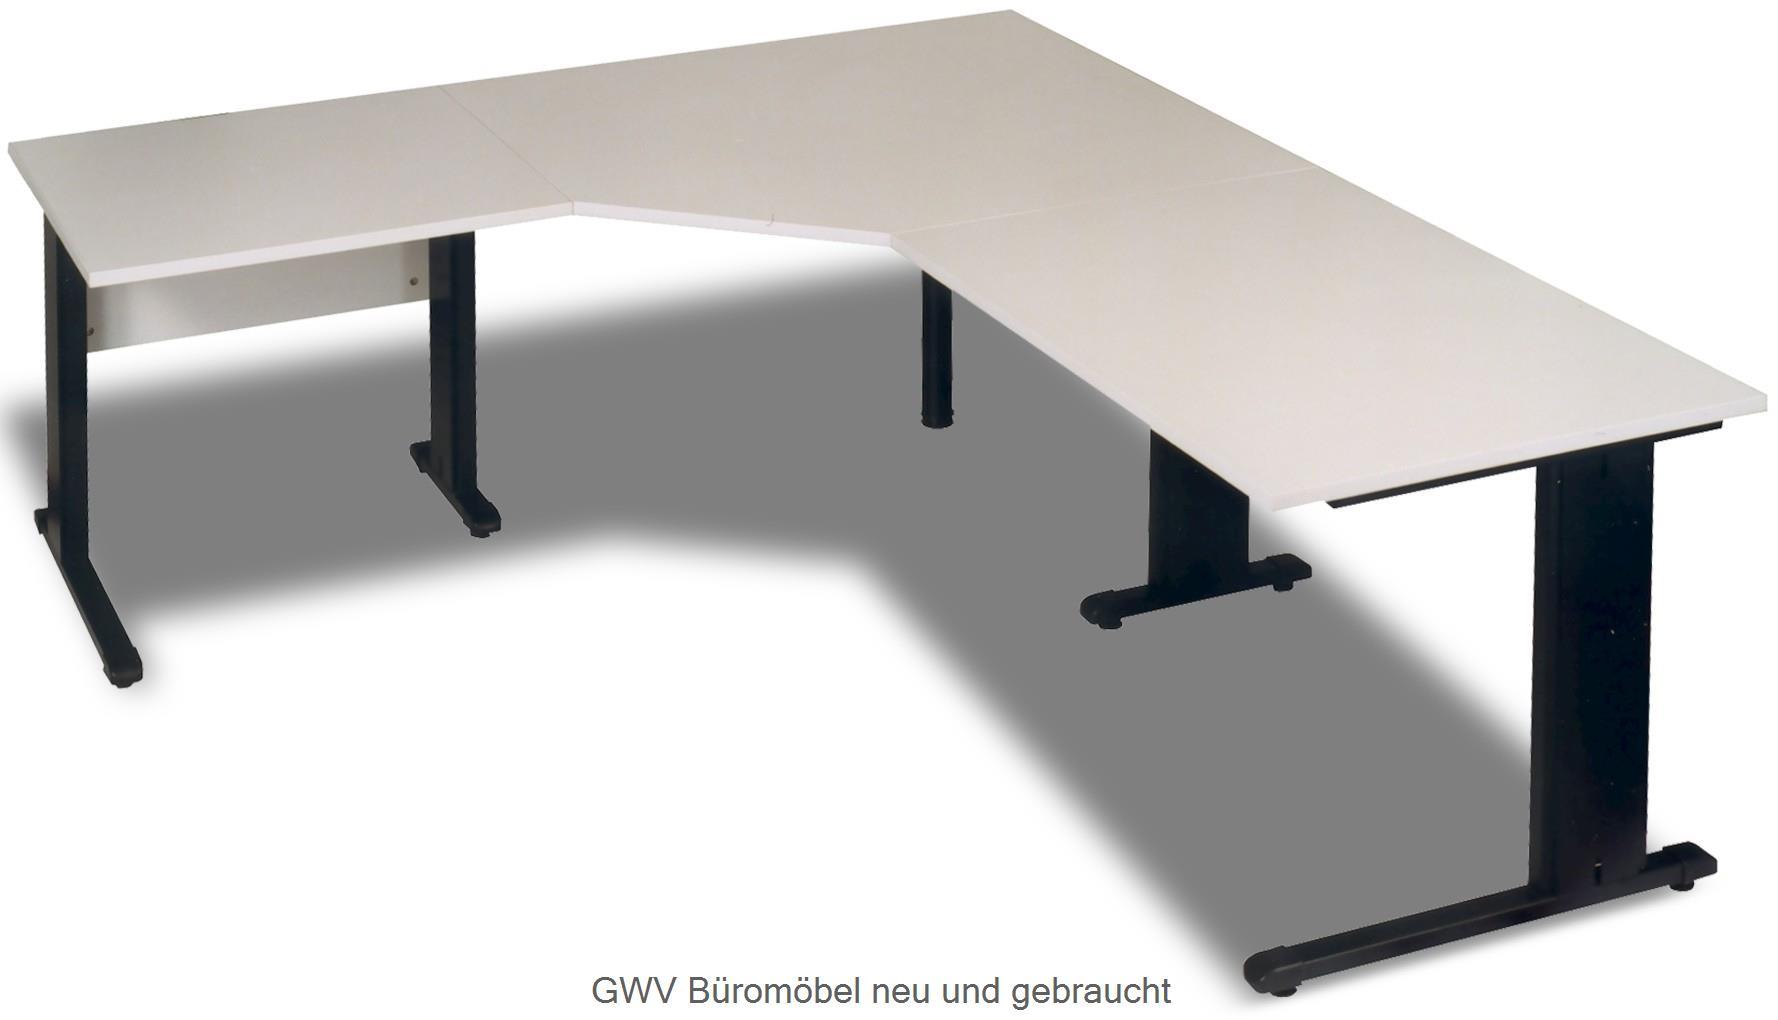 Winkelschreibtisch lichtgrau 240 x 280 cm Neuware | GWV Büromöbel ...